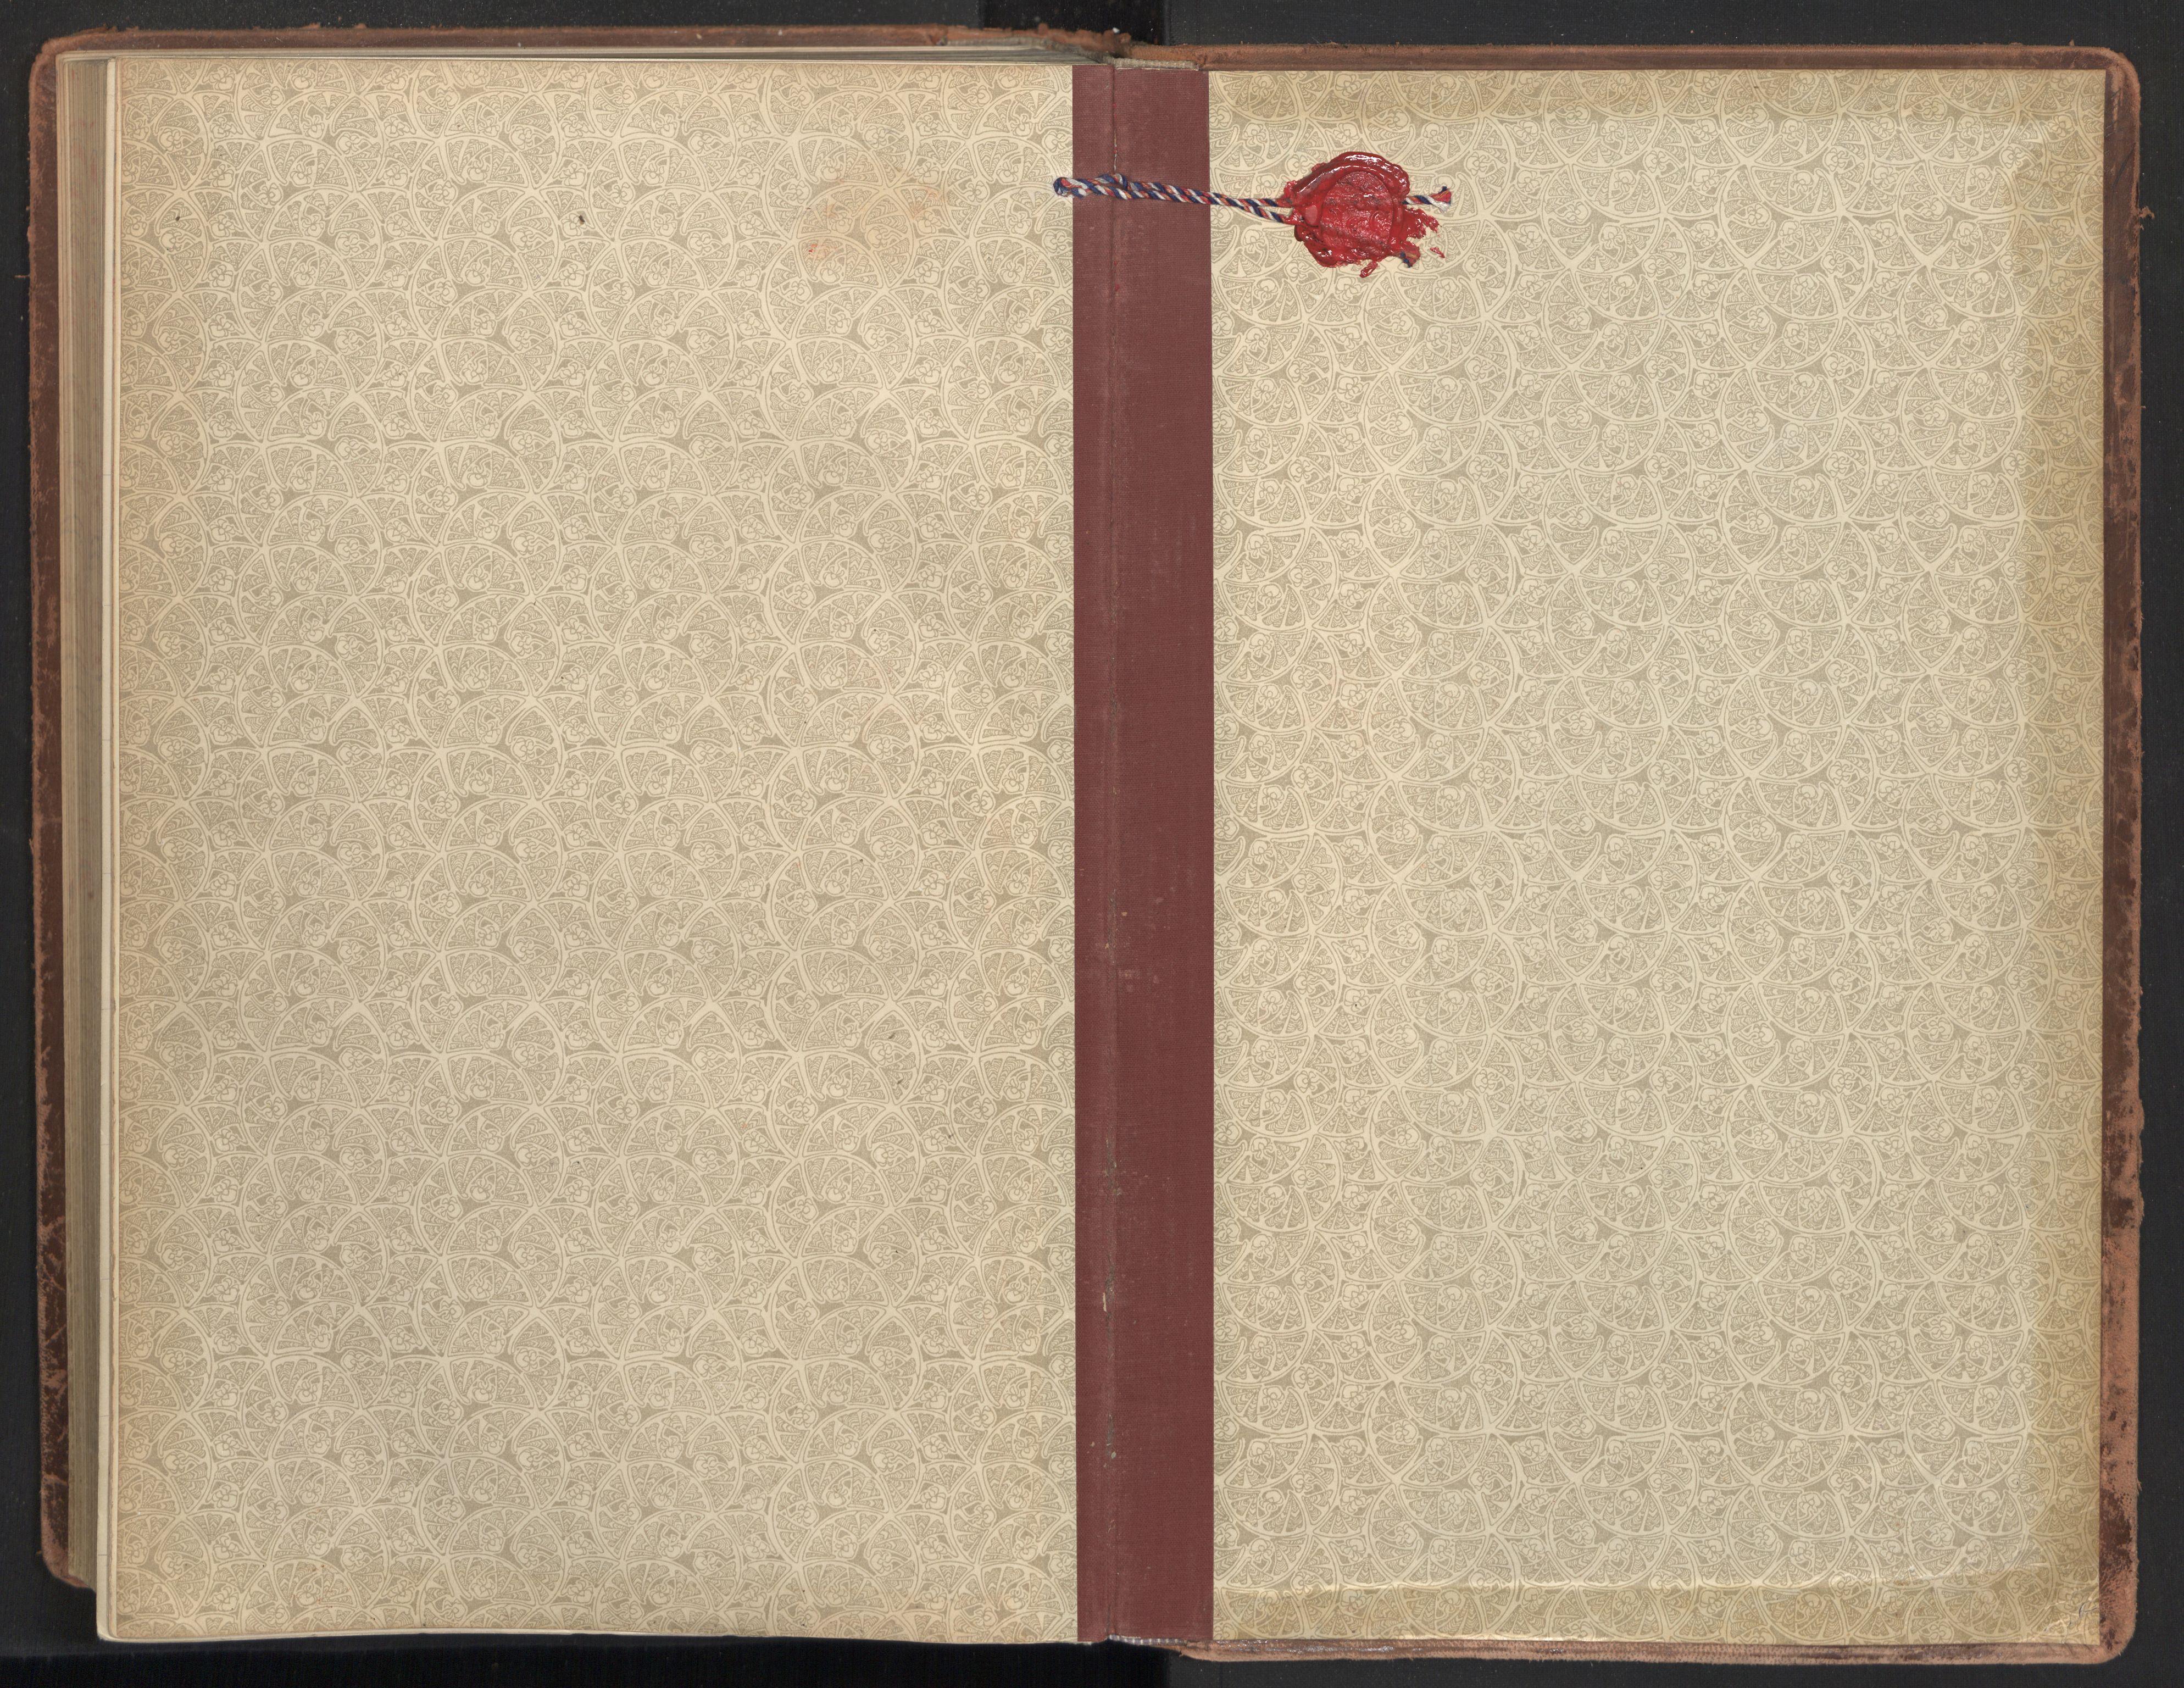 SAT, Ministerialprotokoller, klokkerbøker og fødselsregistre - Sør-Trøndelag, 604/L0206: Ministerialbok nr. 604A26, 1917-1931, s. 253